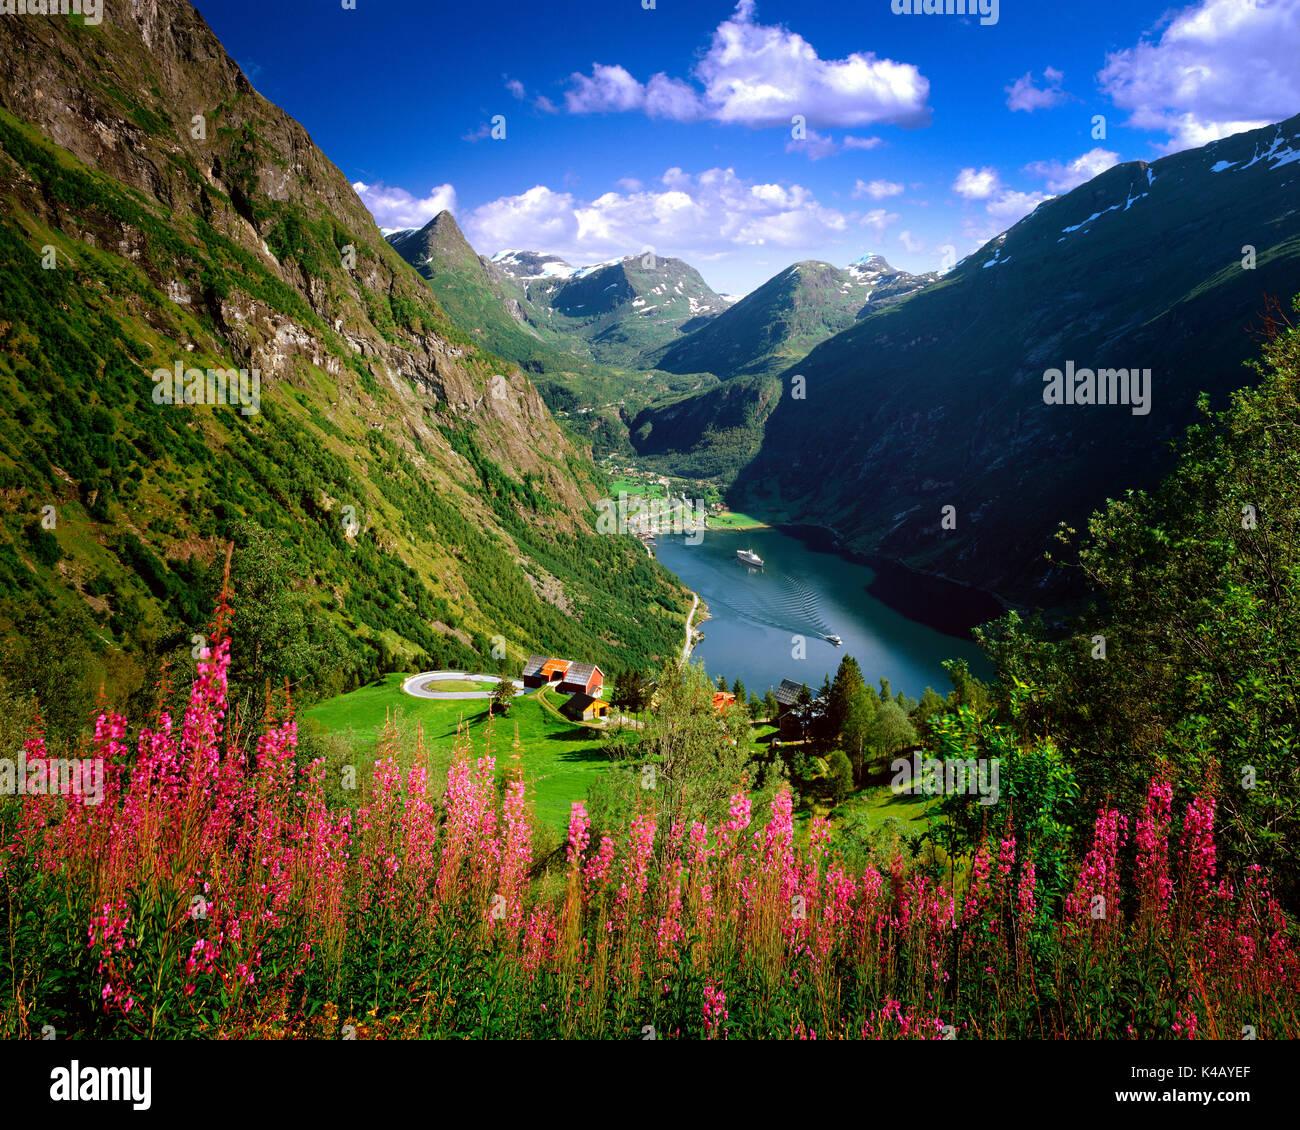 Non - MORE og Romsdal: Geirangerfjord Photo Stock